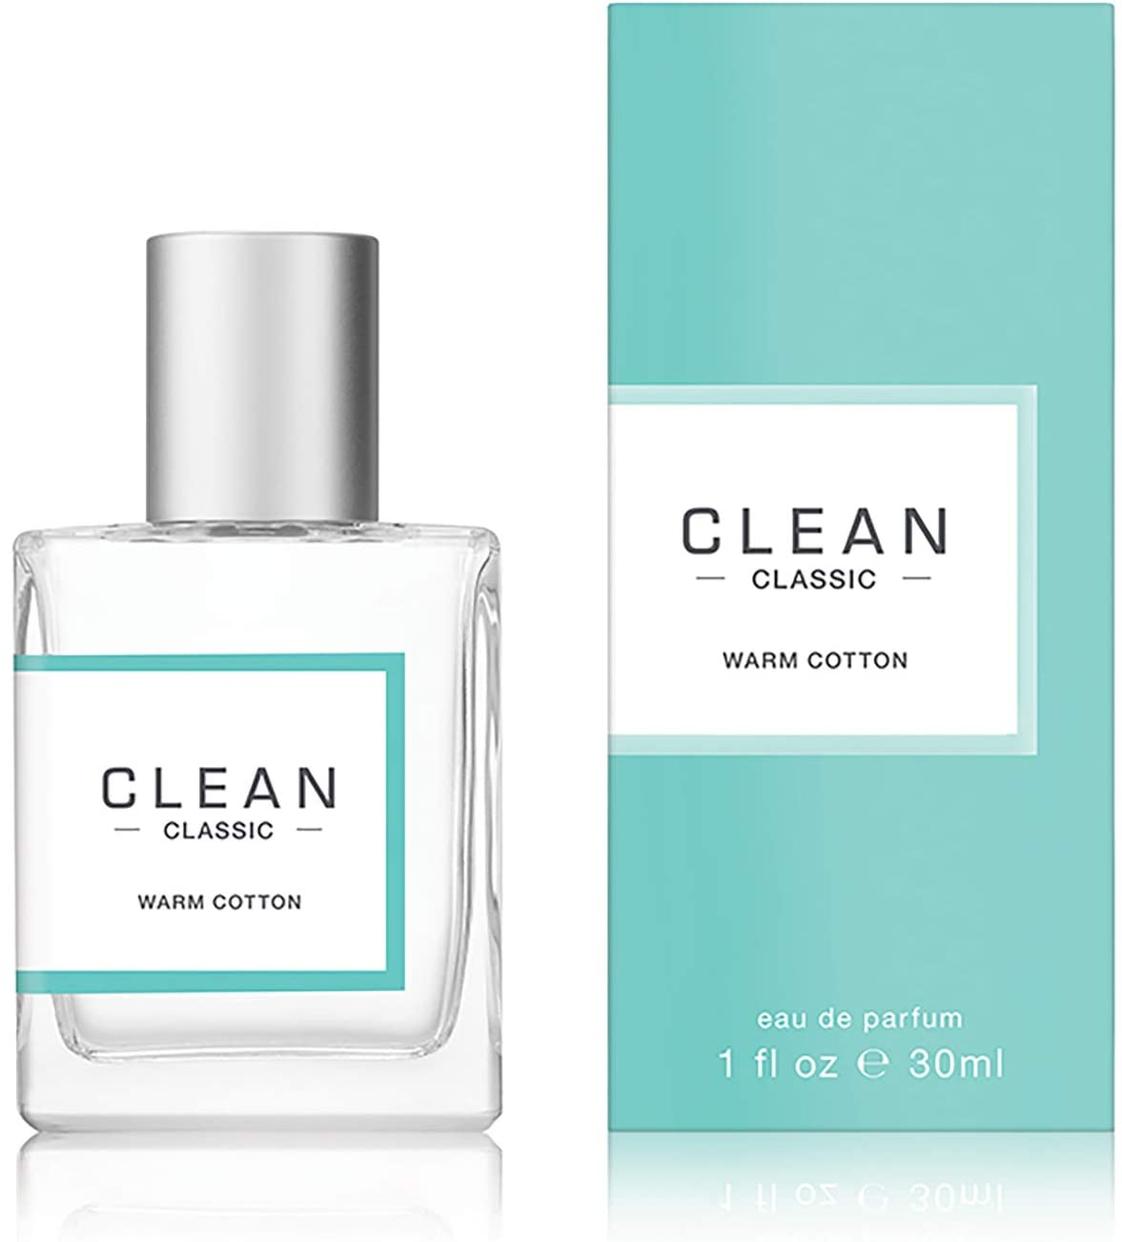 CLEAN(クリーン) クラシック ウォームコットン オードパルファムの商品画像2